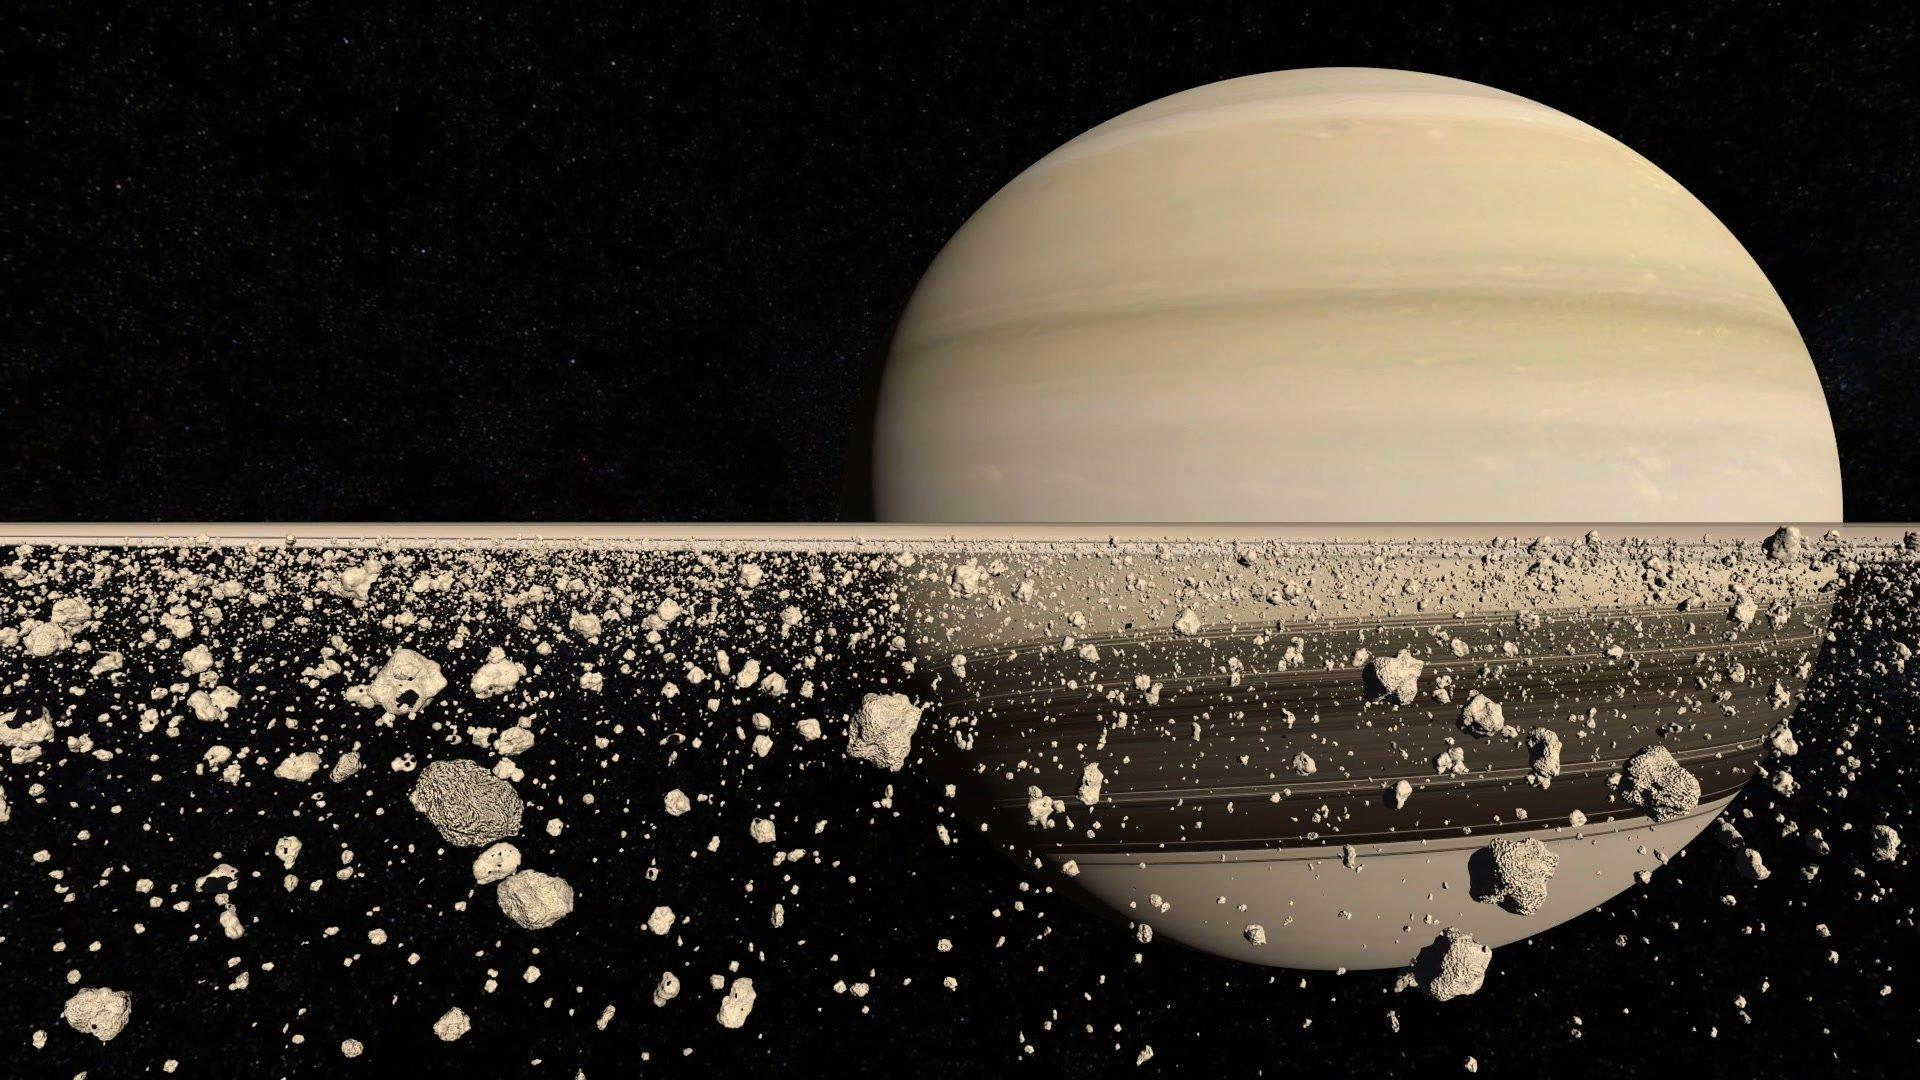 Кольца Сатурна значительно моложе планет Солнечной системы— Данные Cassini